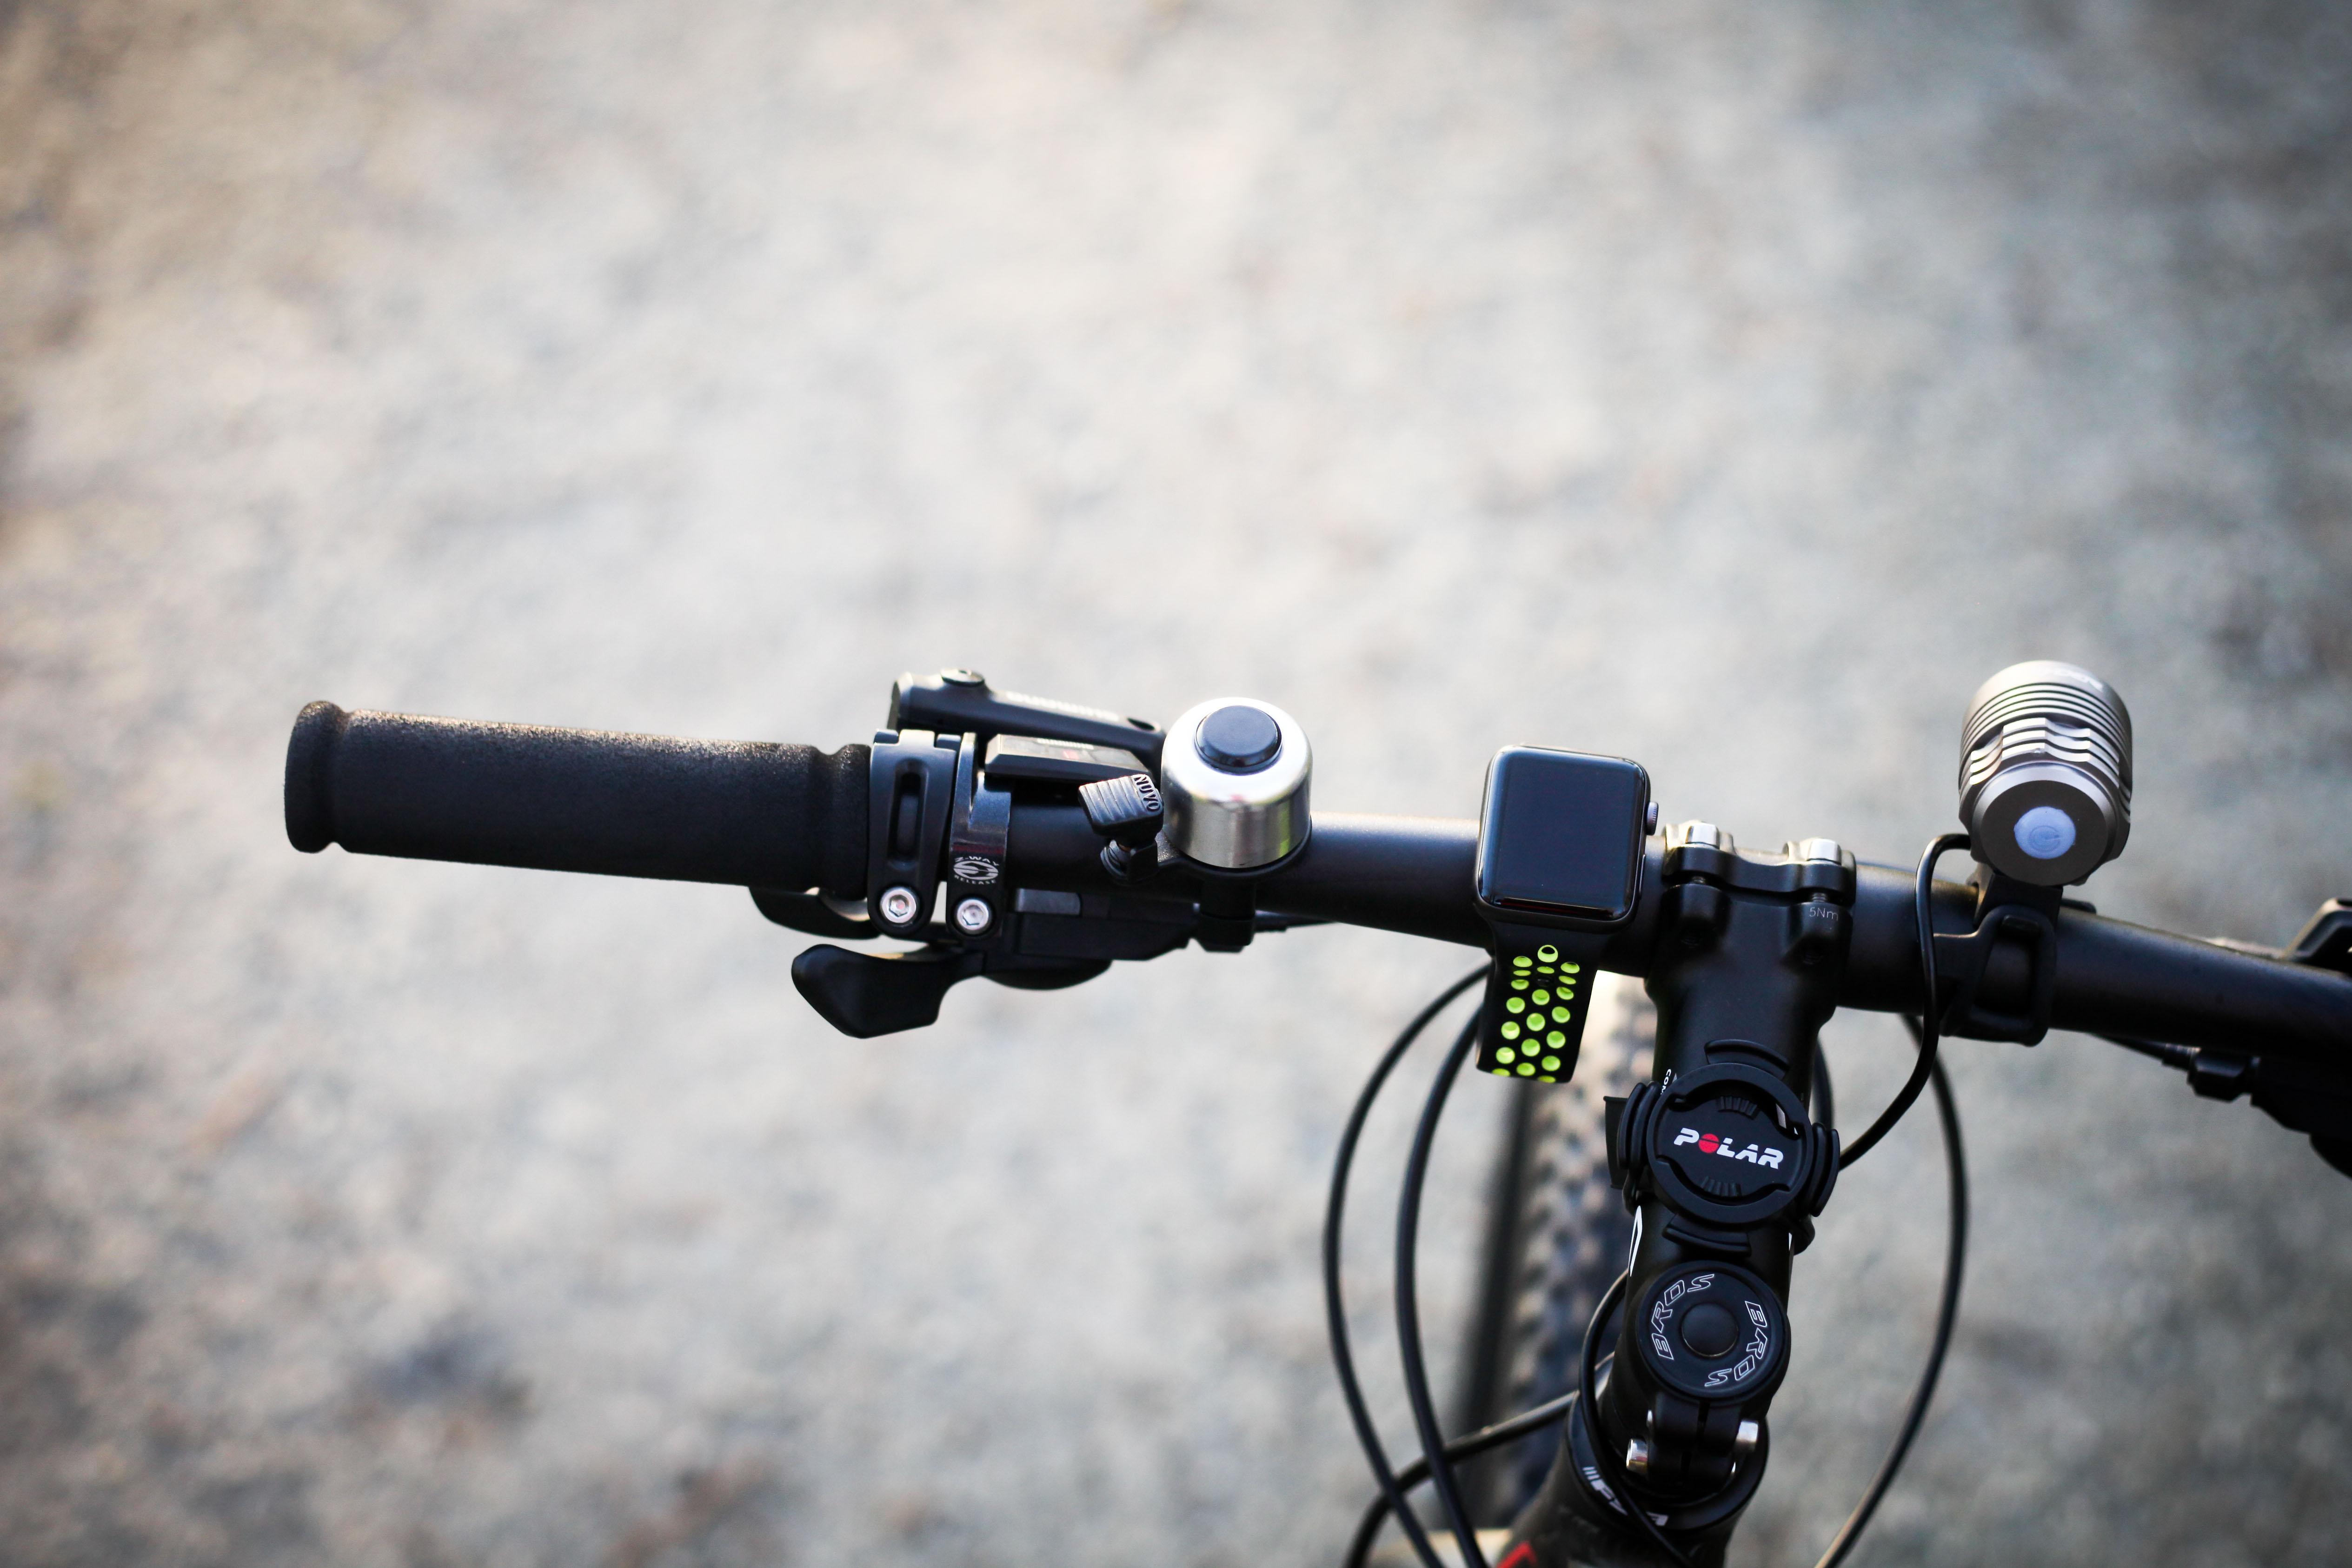 Vanskelig å feste: Hører Apple Watch hjemme på et sykkelstyre sammen med andre komponenter? Da må det hvertfall tilbys en god festemekanisme. Foto: Sykkelmagasinet